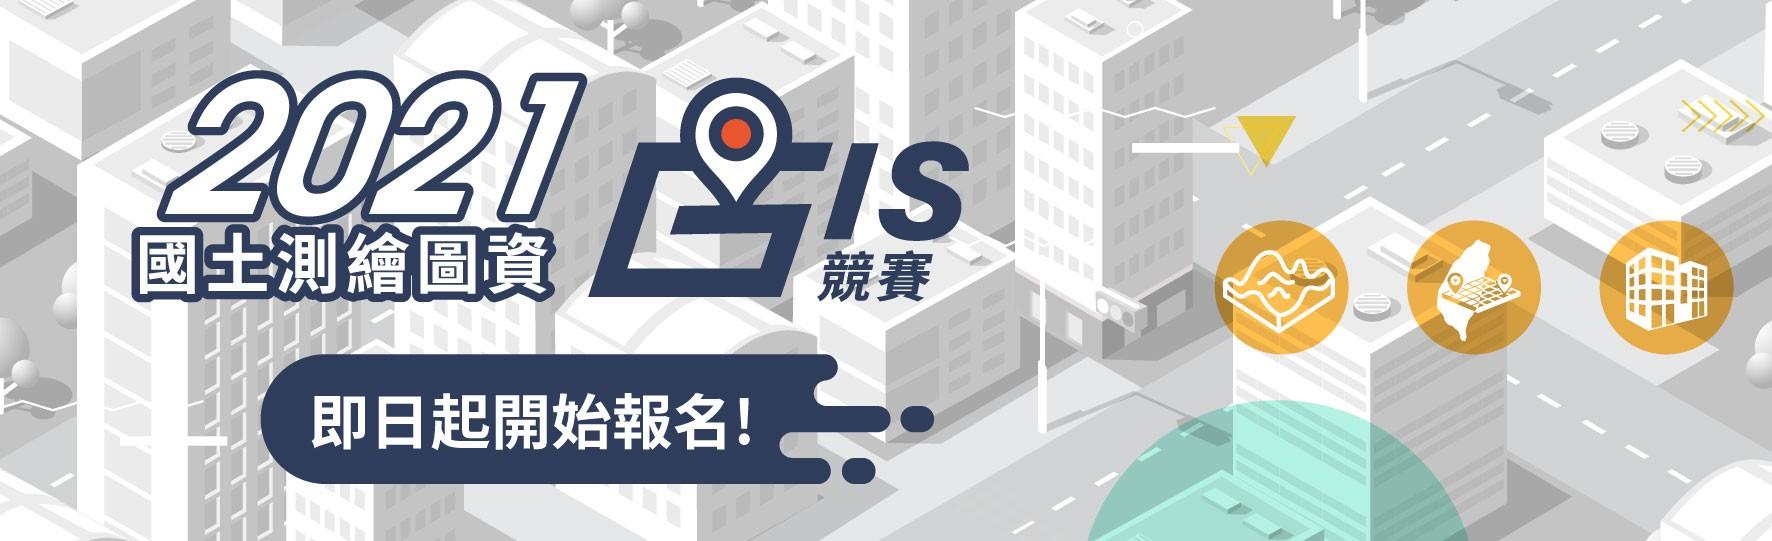 開新視窗,連結人與地的距離 國土測繪圖資GIS競賽開跑 首獎25萬元